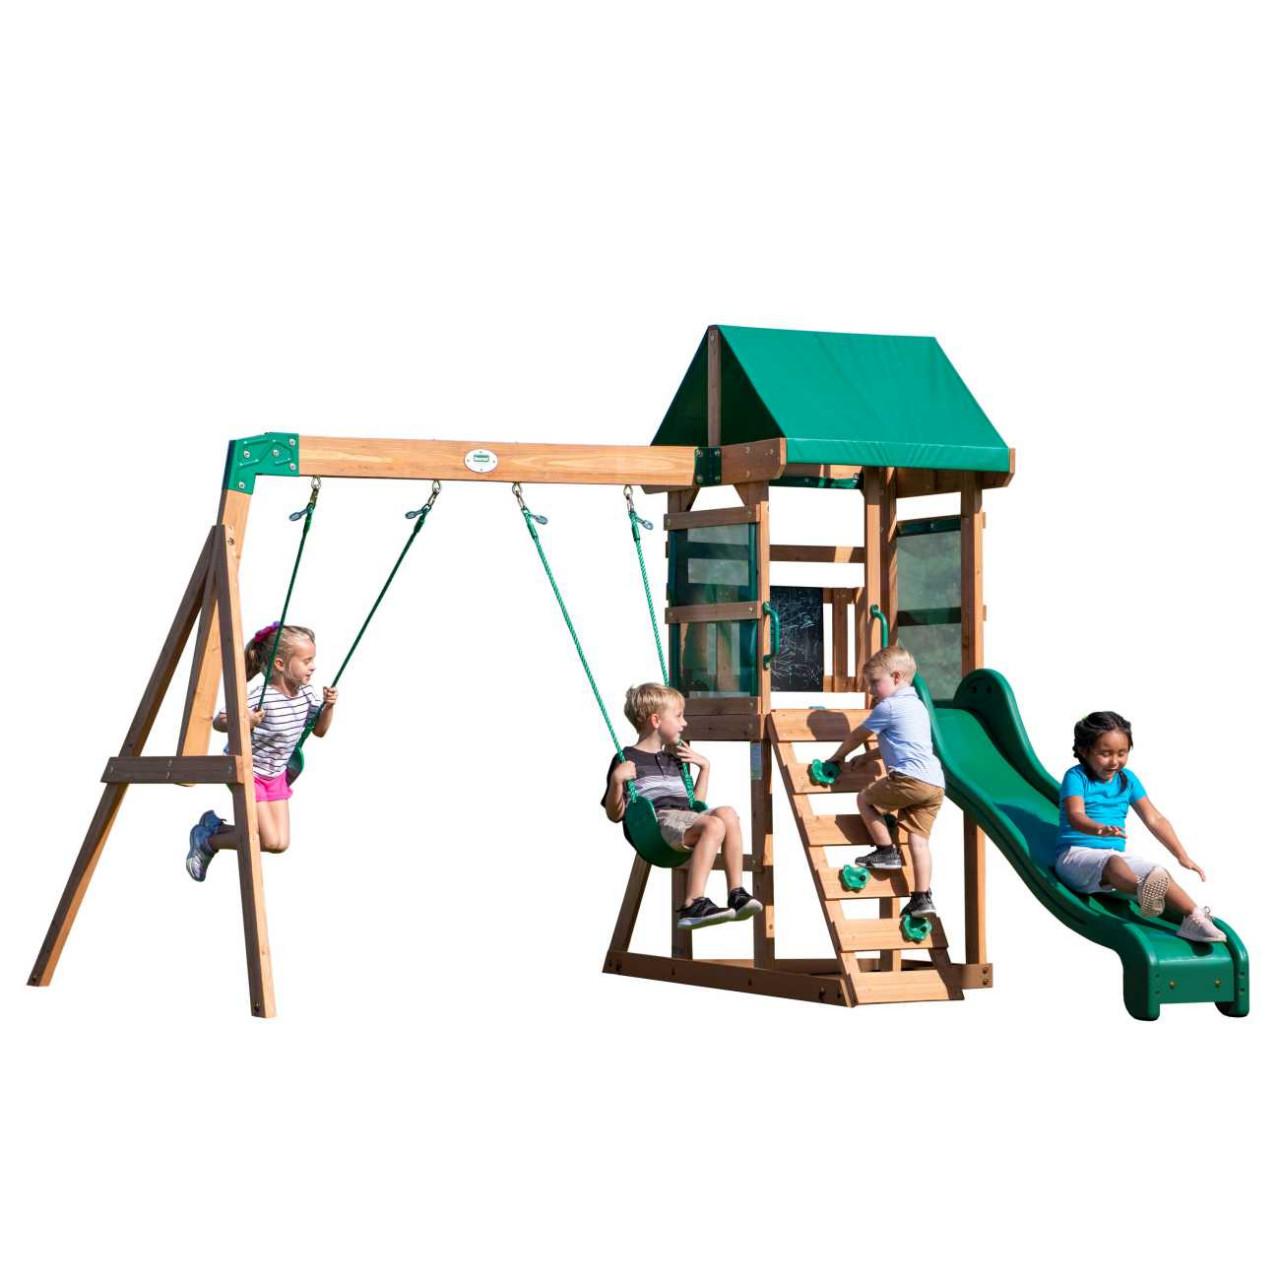 Backyard Spielturm Buckley Hill, Spielturm mit Schaukel und Rutsche